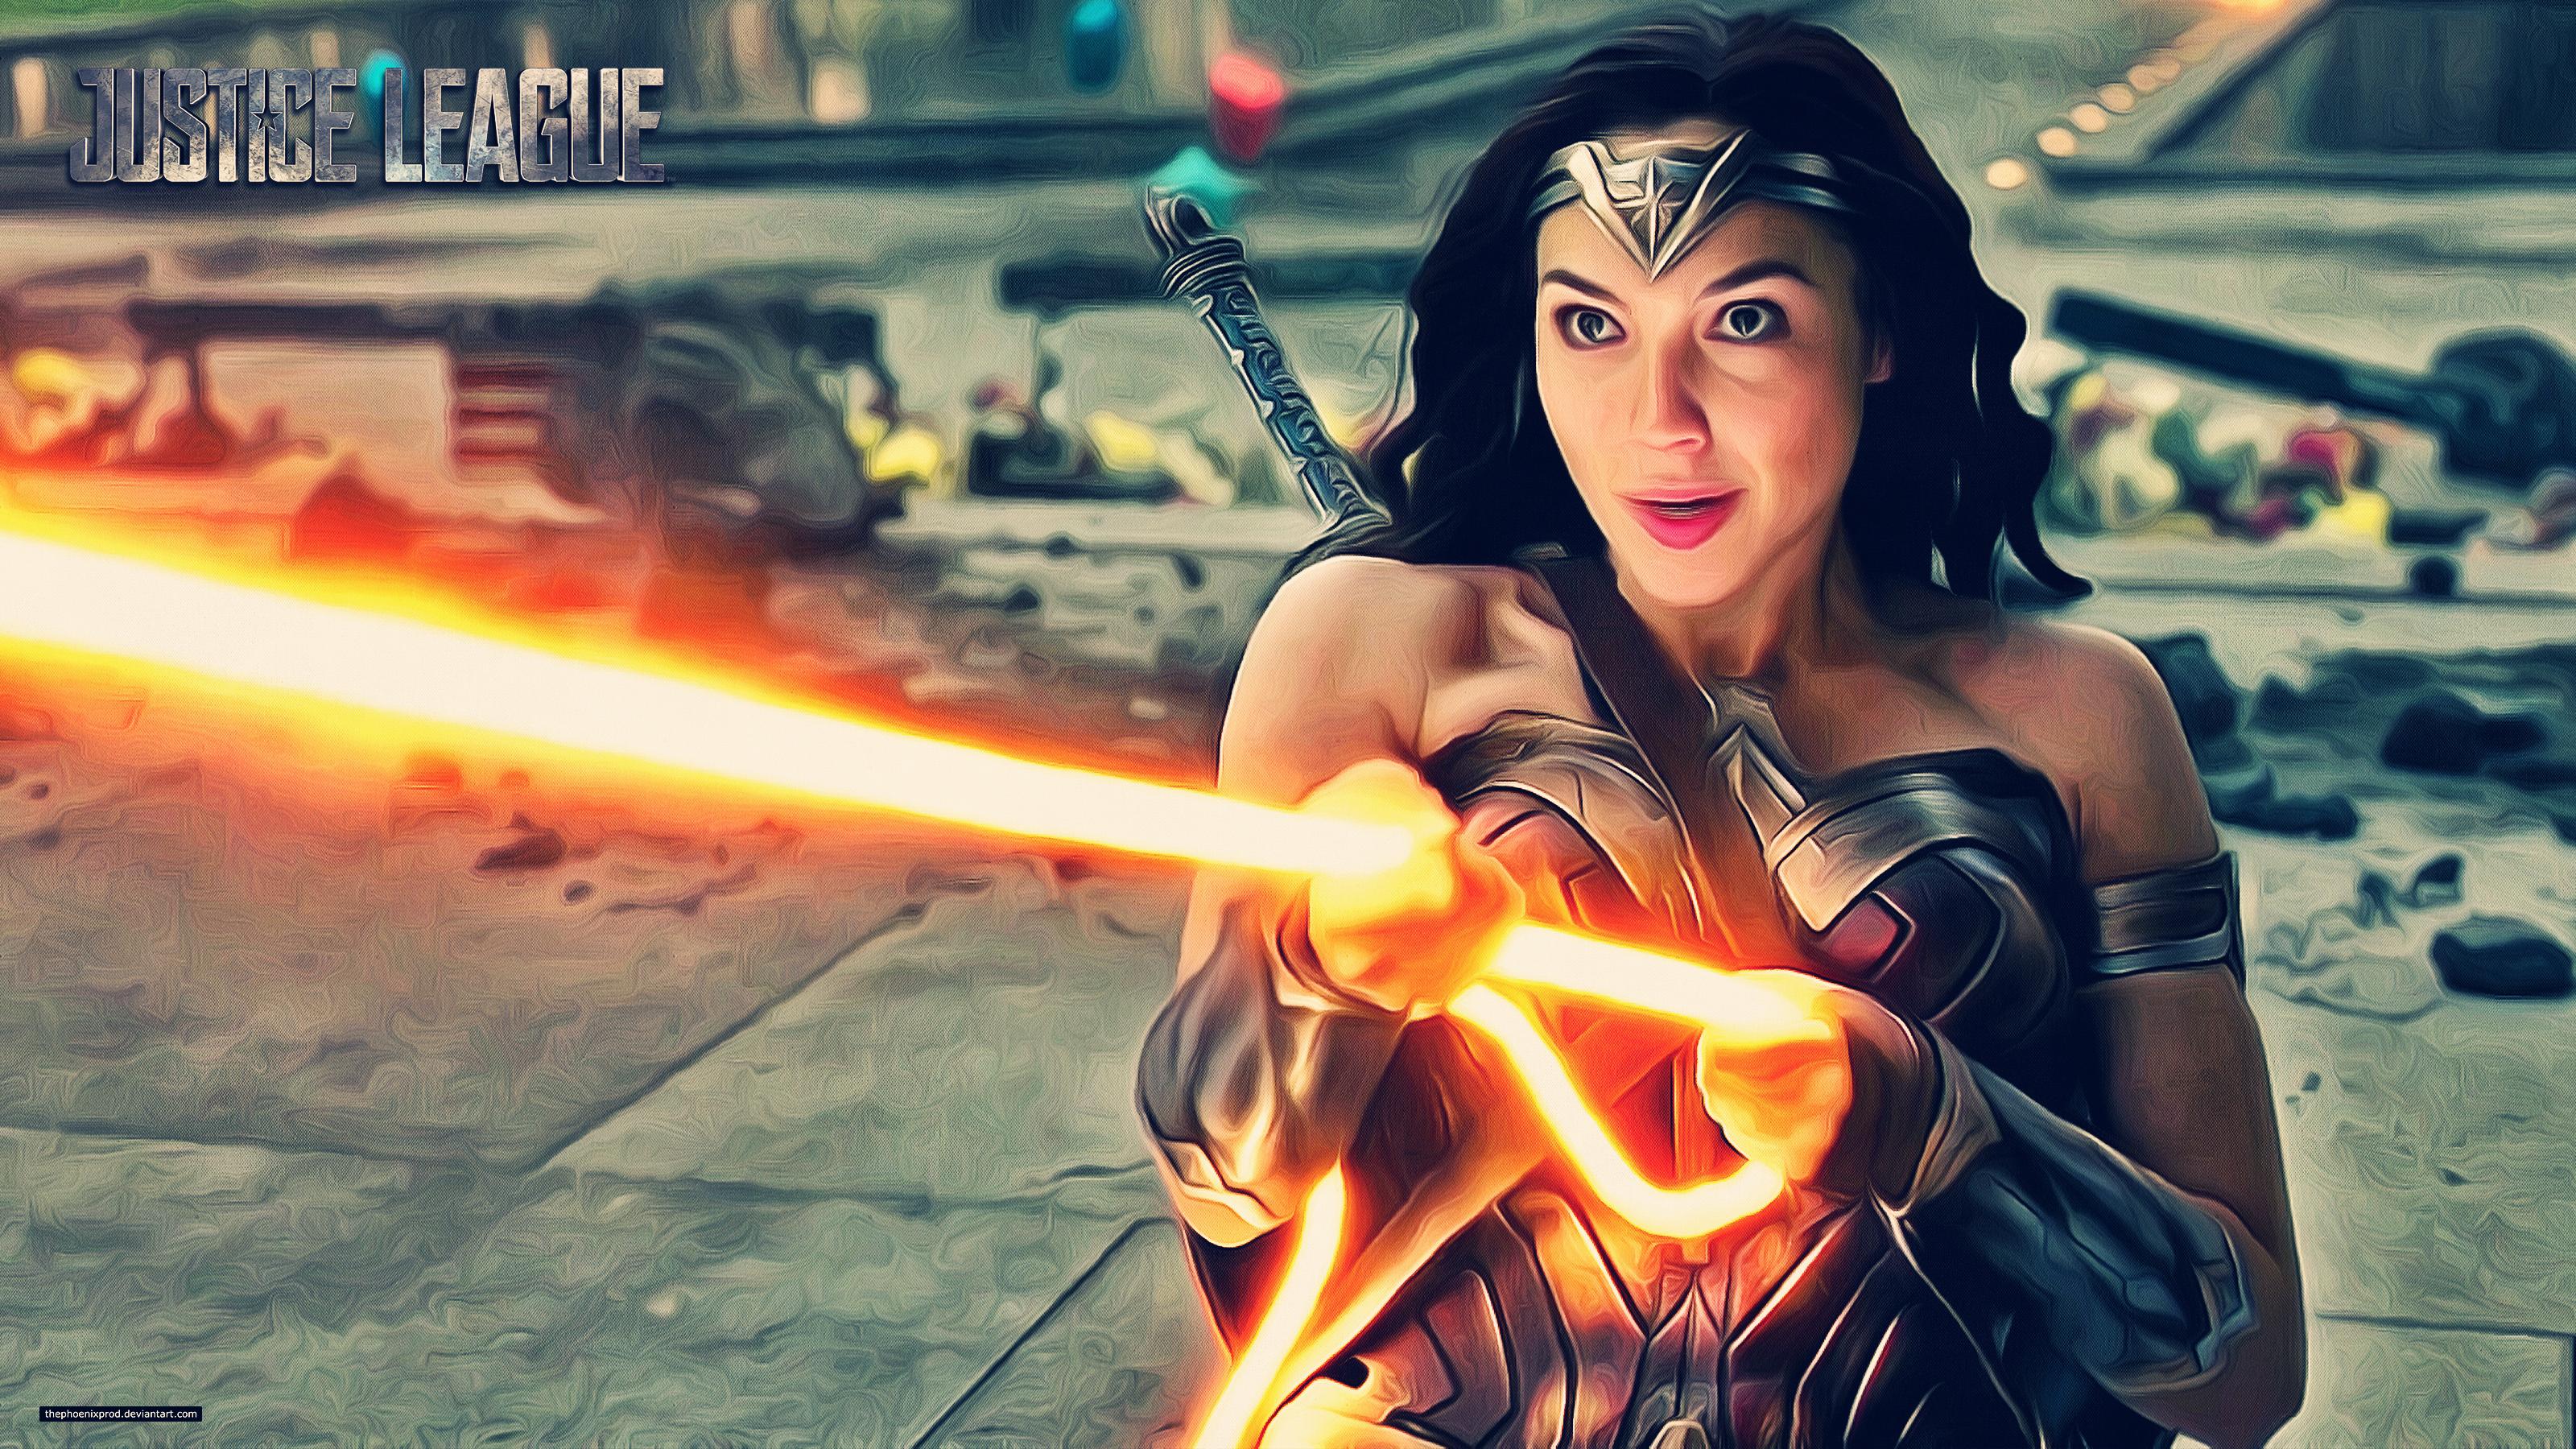 Gal Gadot Wonder Woman New 4k Hd Movies 4k Wallpapers: Justice League Wonder Woman 4k, HD Movies, 4k Wallpapers